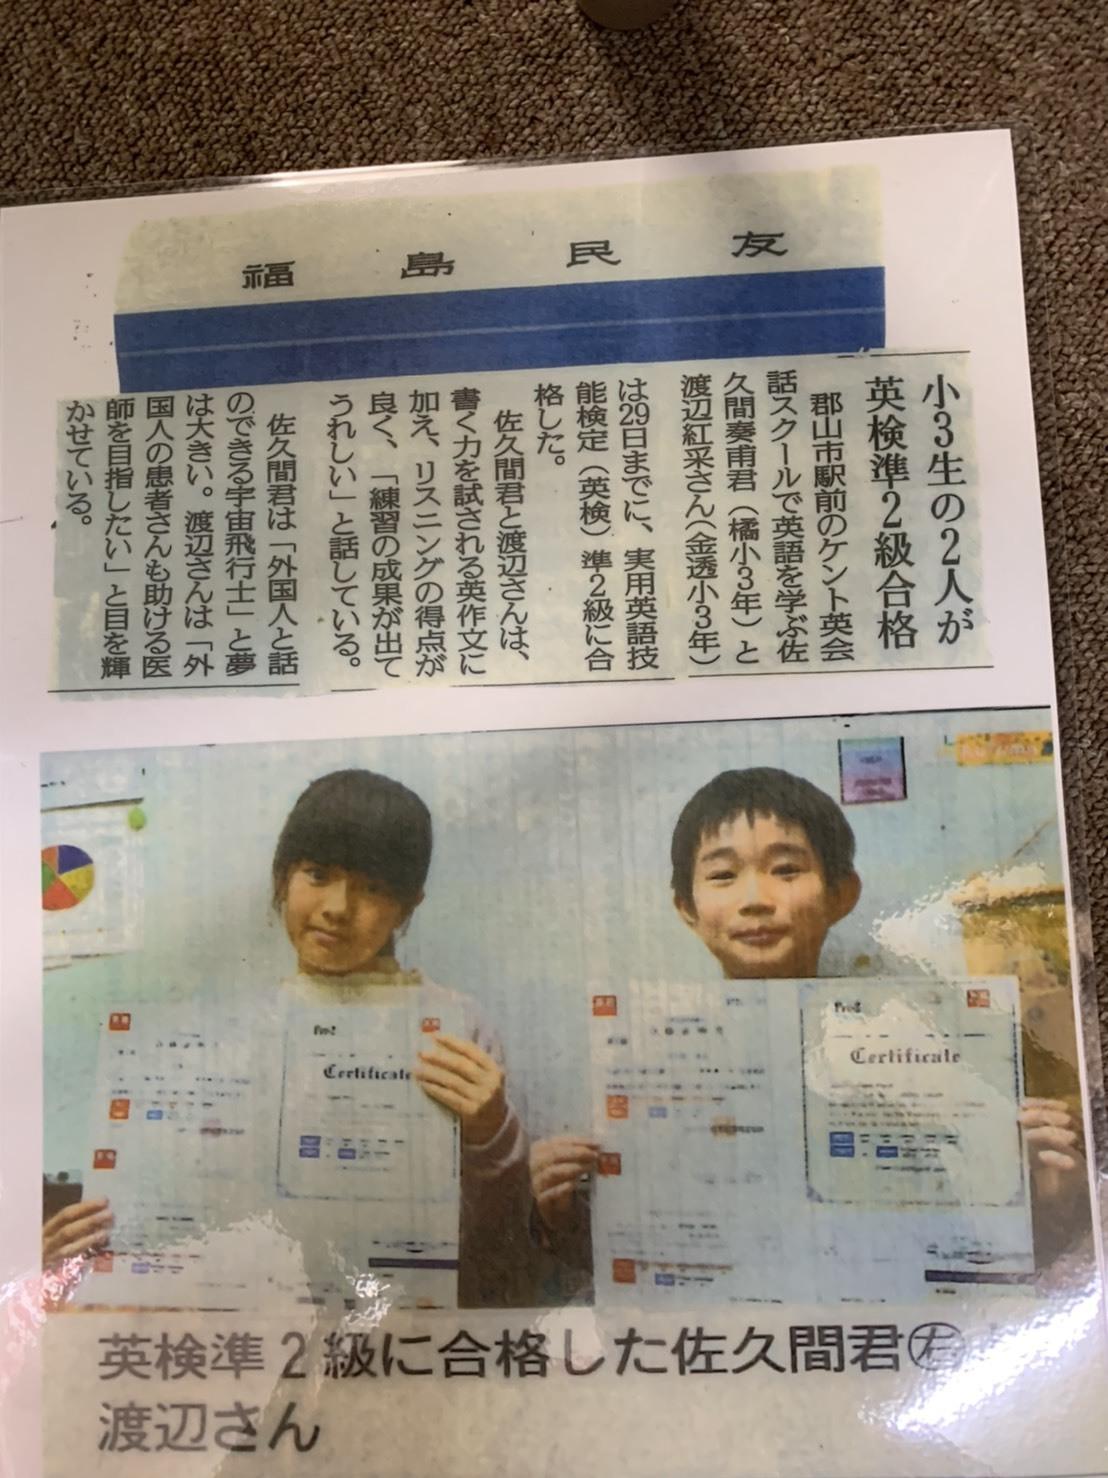 ㊗小学3年生☆英検準2級合格(^^♪彡_c0345439_21335302.jpg